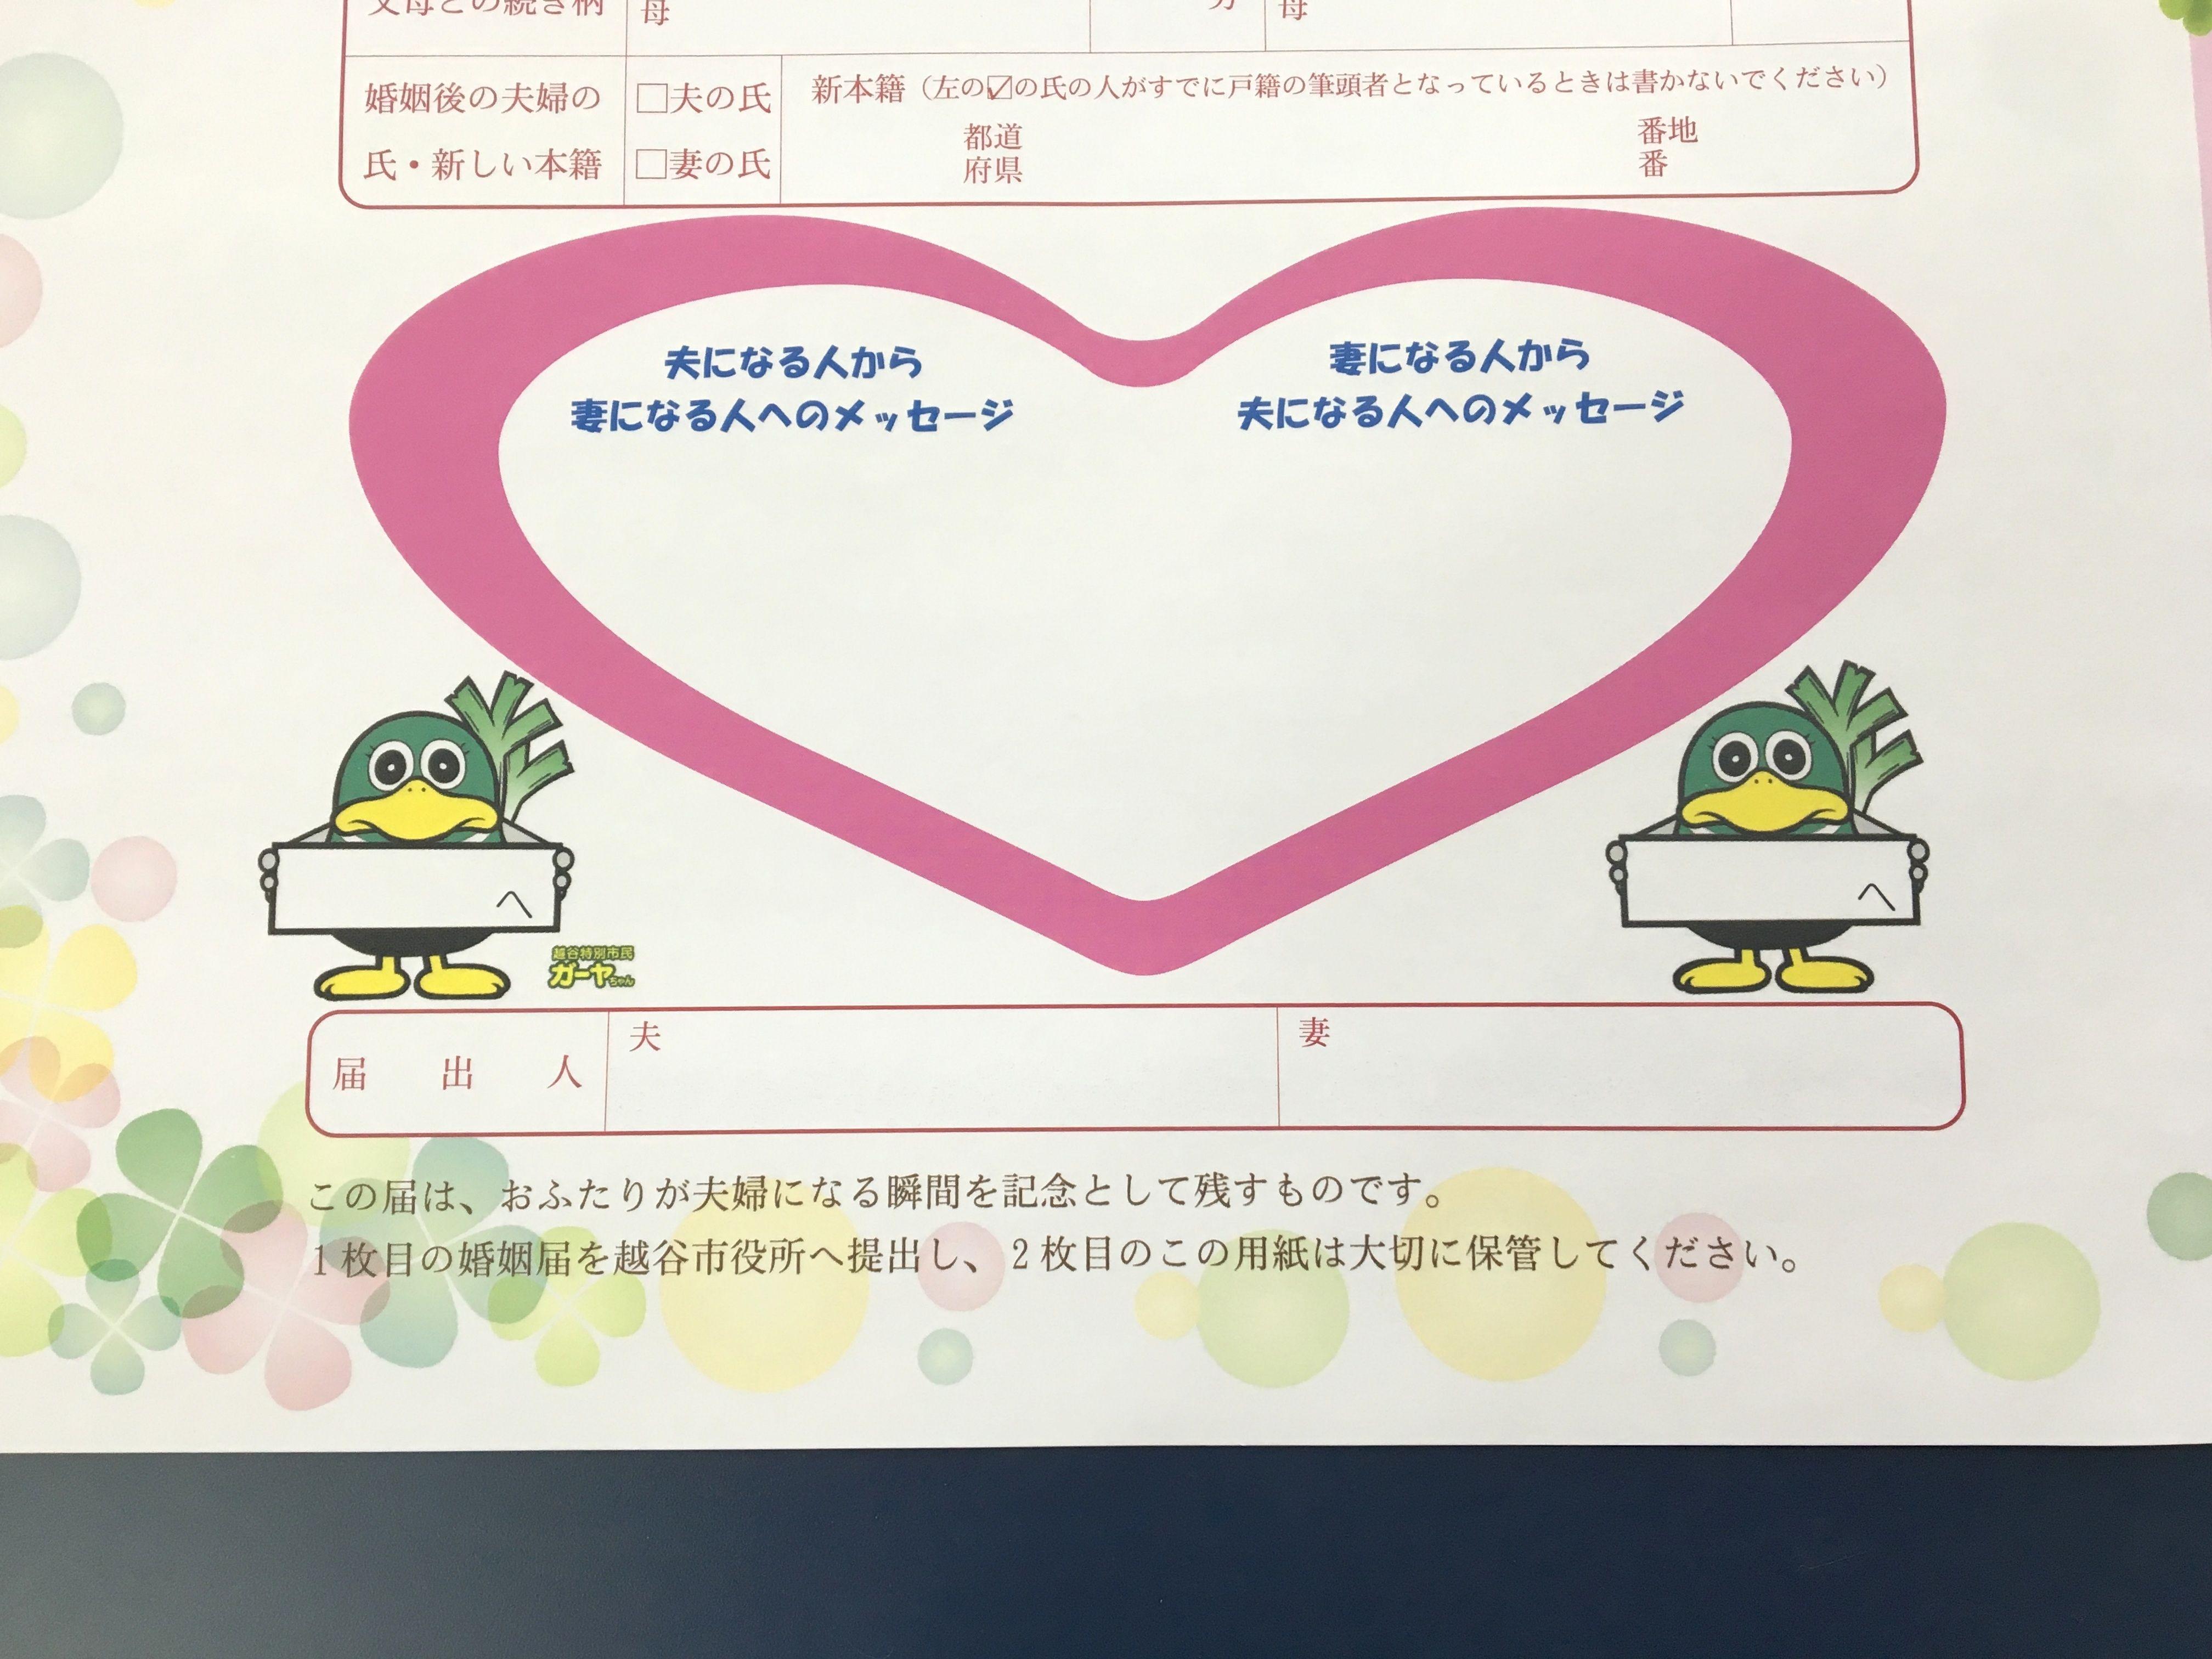 越谷市オリジナル婚姻届のメッセージ書き込みスペースです!!